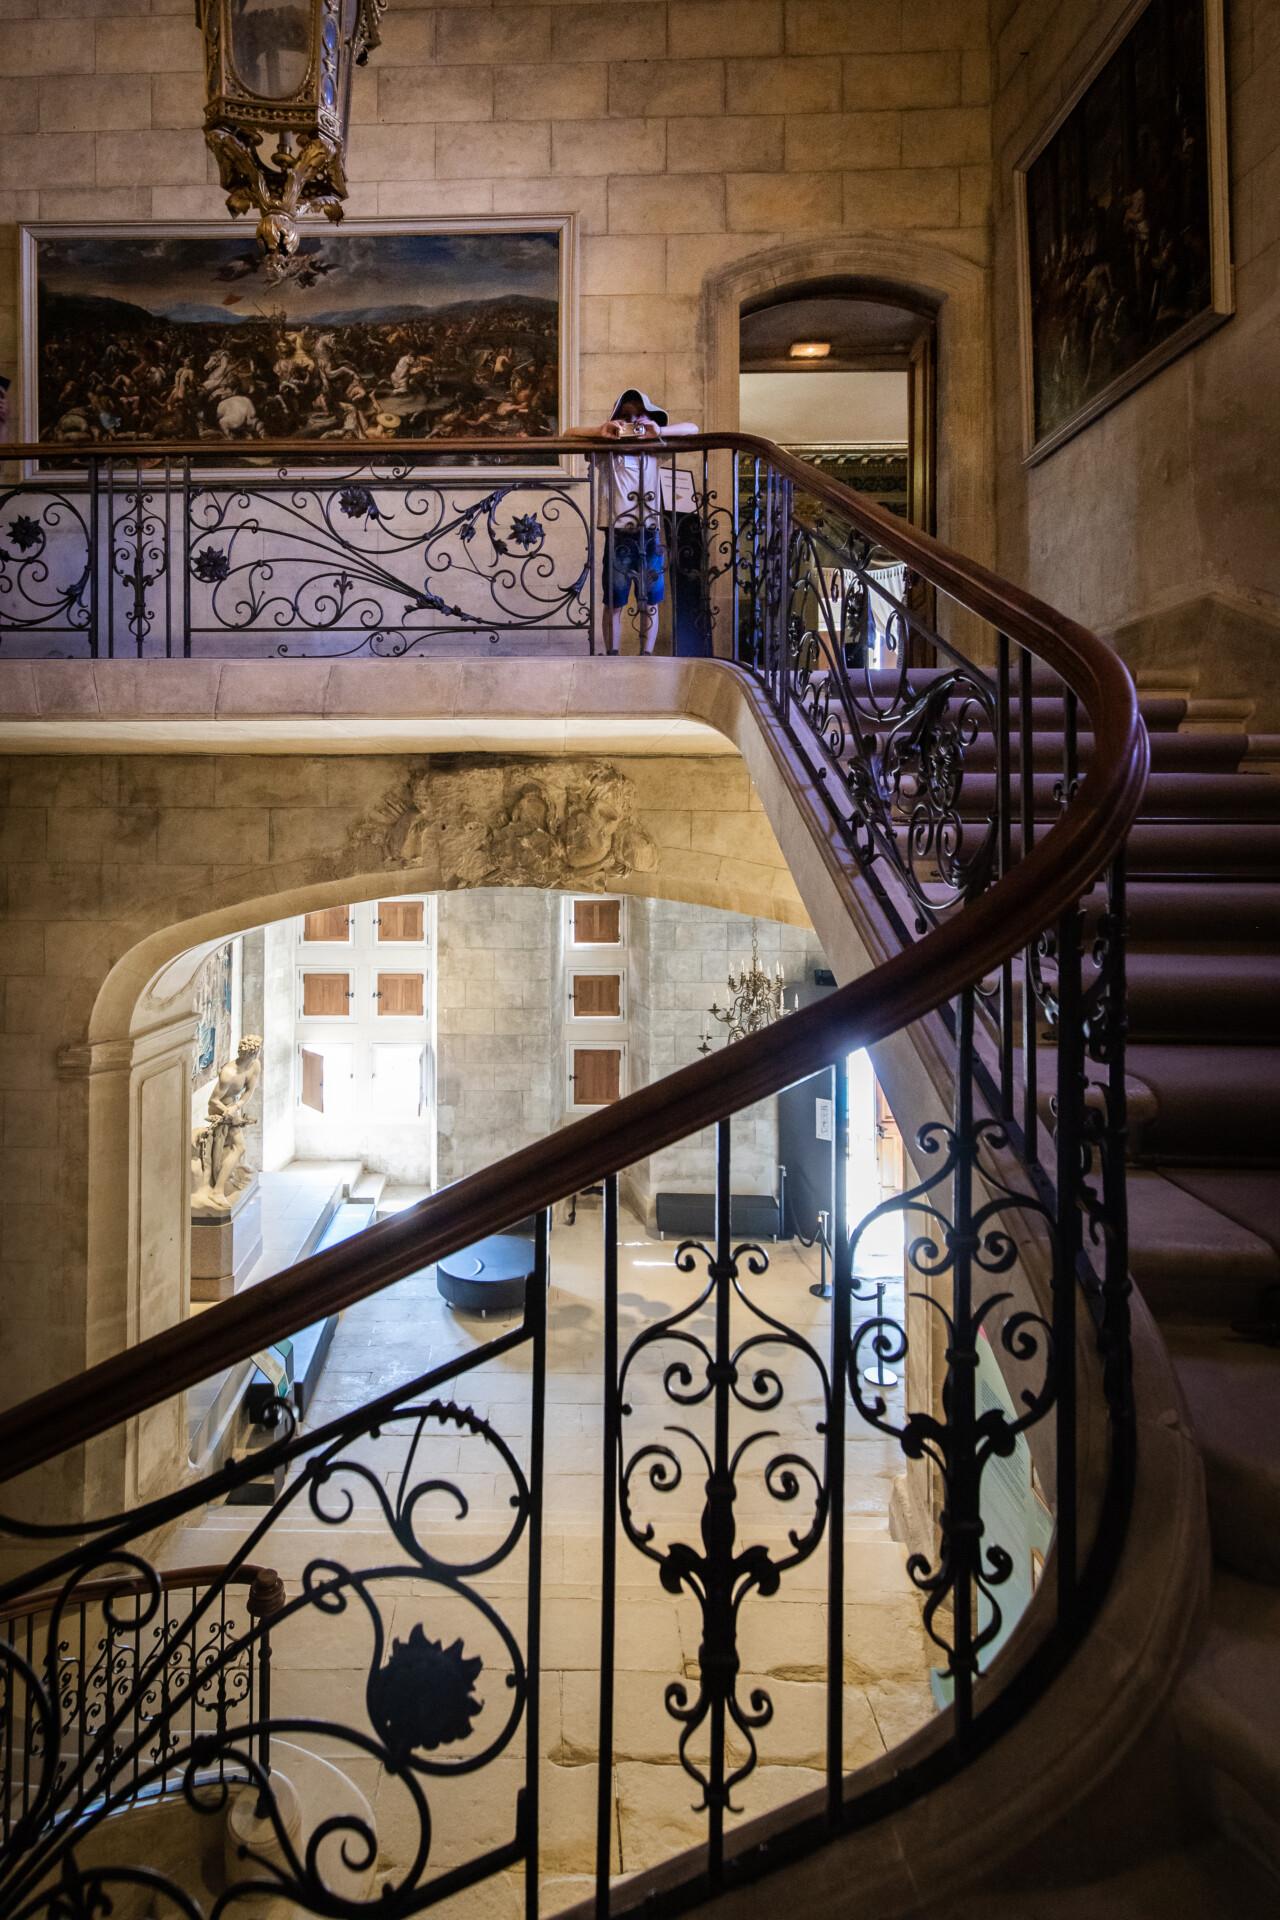 Escaliers du château de Grignan. Ces derniers ont de jolies rampes en fer forgé.